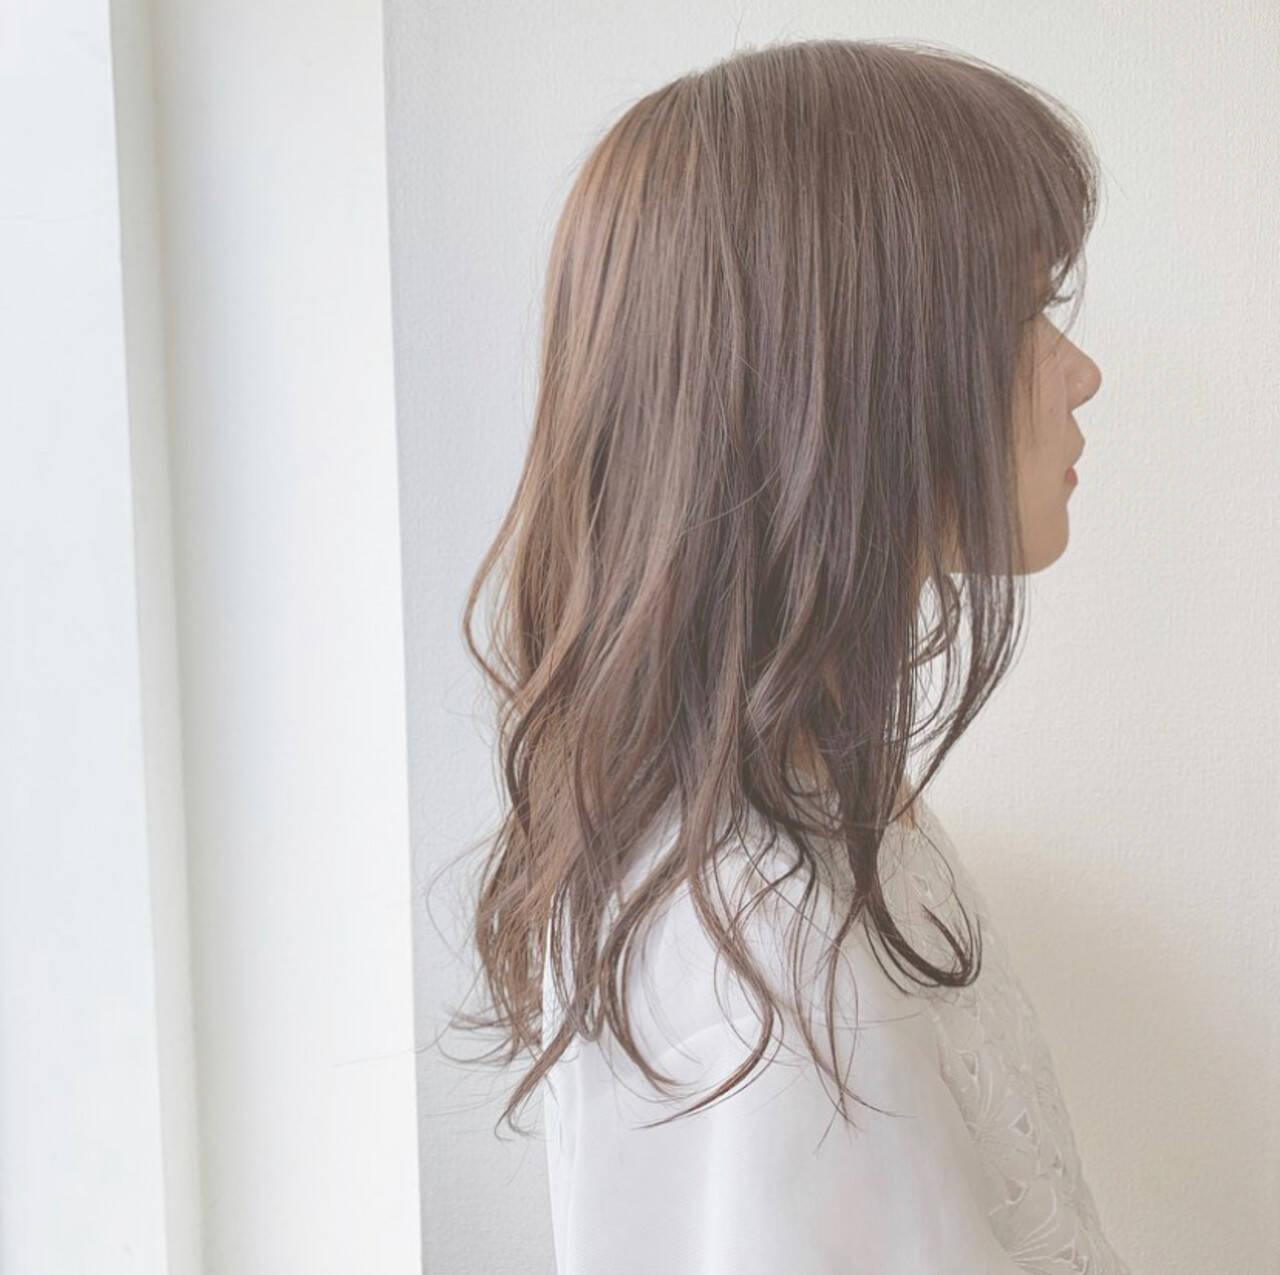 ナチュラル ふんわり 可愛い セミロングヘアスタイルや髪型の写真・画像